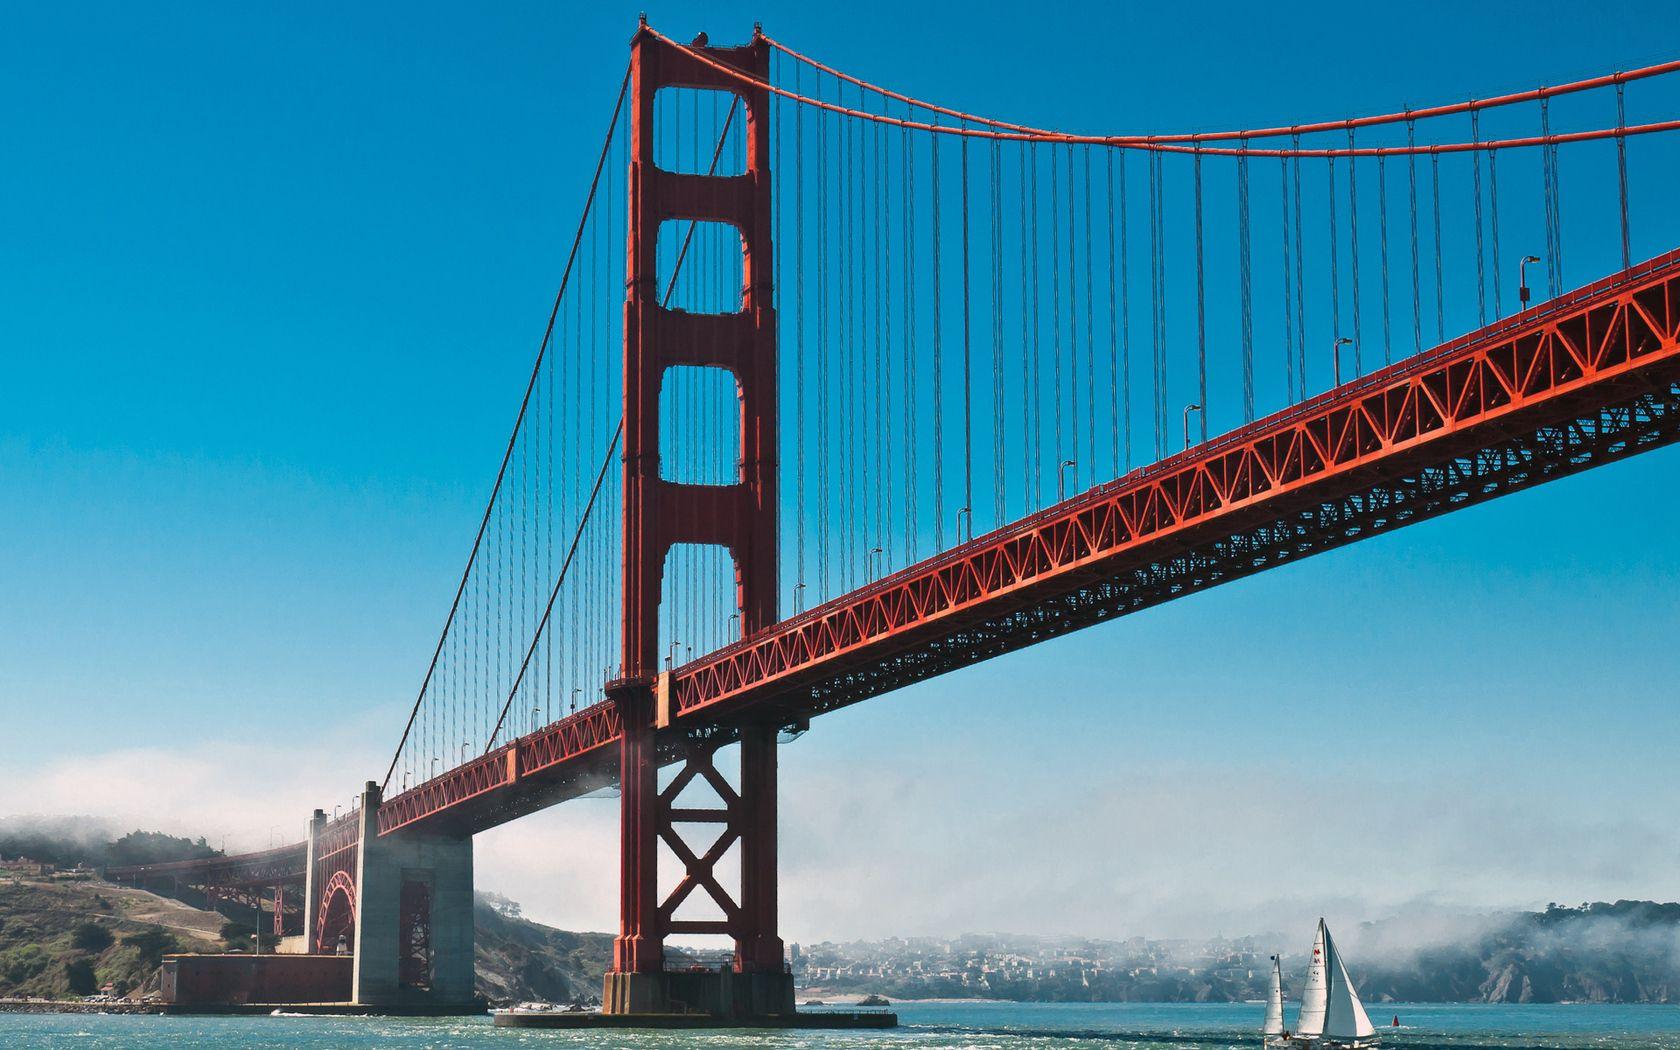 74925 Hintergrundbild 800x480 kostenlos auf deinem Handy, lade Bilder Städte, Wasser, Sky, Ozean, Segelboot, Sailfish, Mündung, Die Bucht, San Francisco, Goldenes Tor, Golden Gate 800x480 auf dein Handy herunter